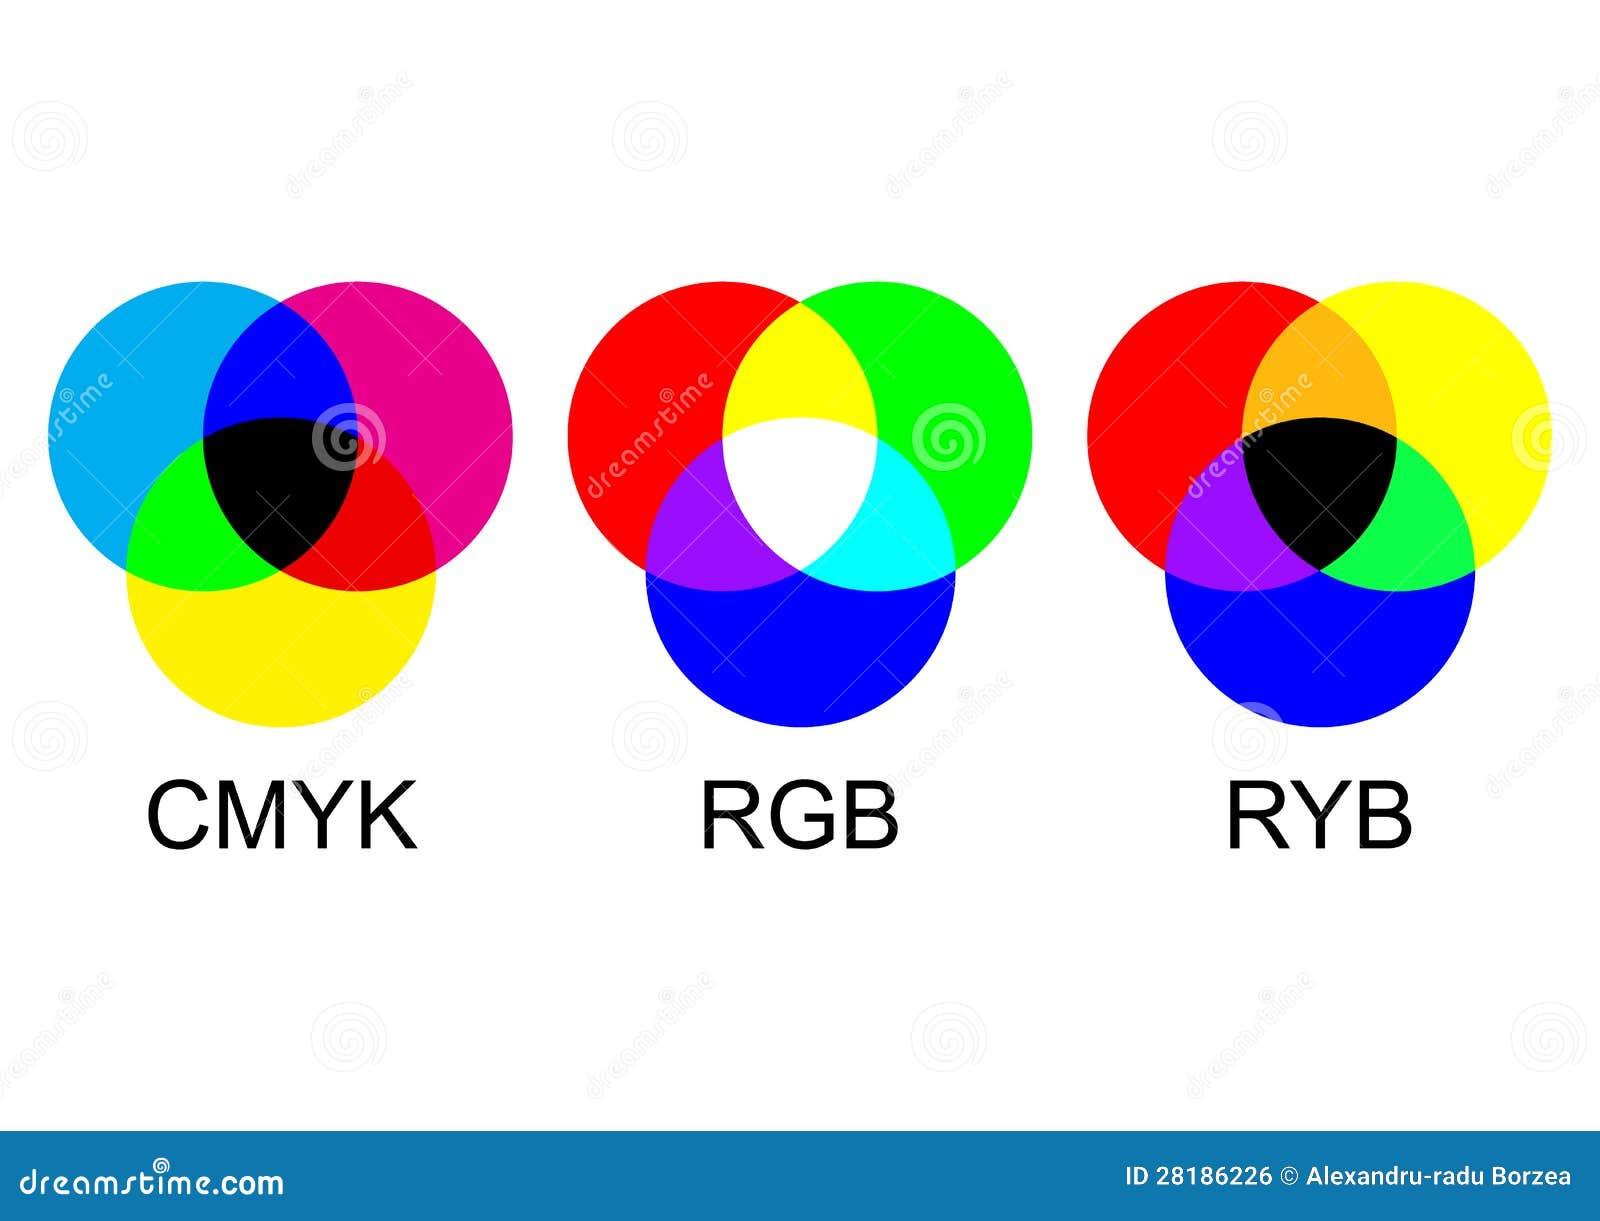 Combinazioni colori fotografia stock immagine di yellow - Immagine di lucertola a colori ...